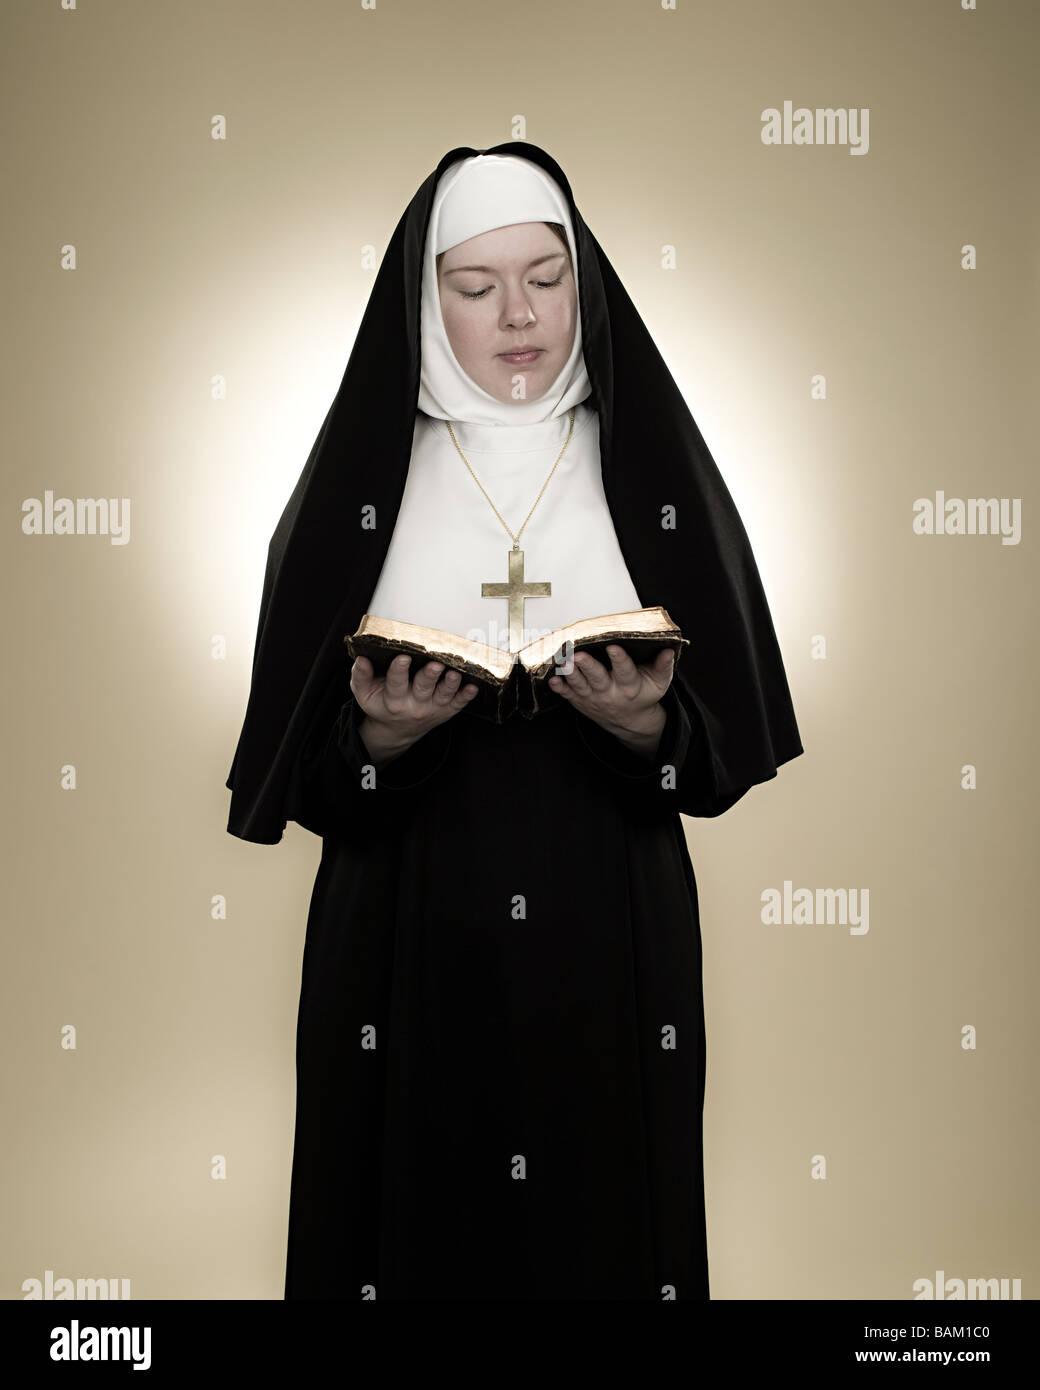 A nun reading a bible - Stock Image